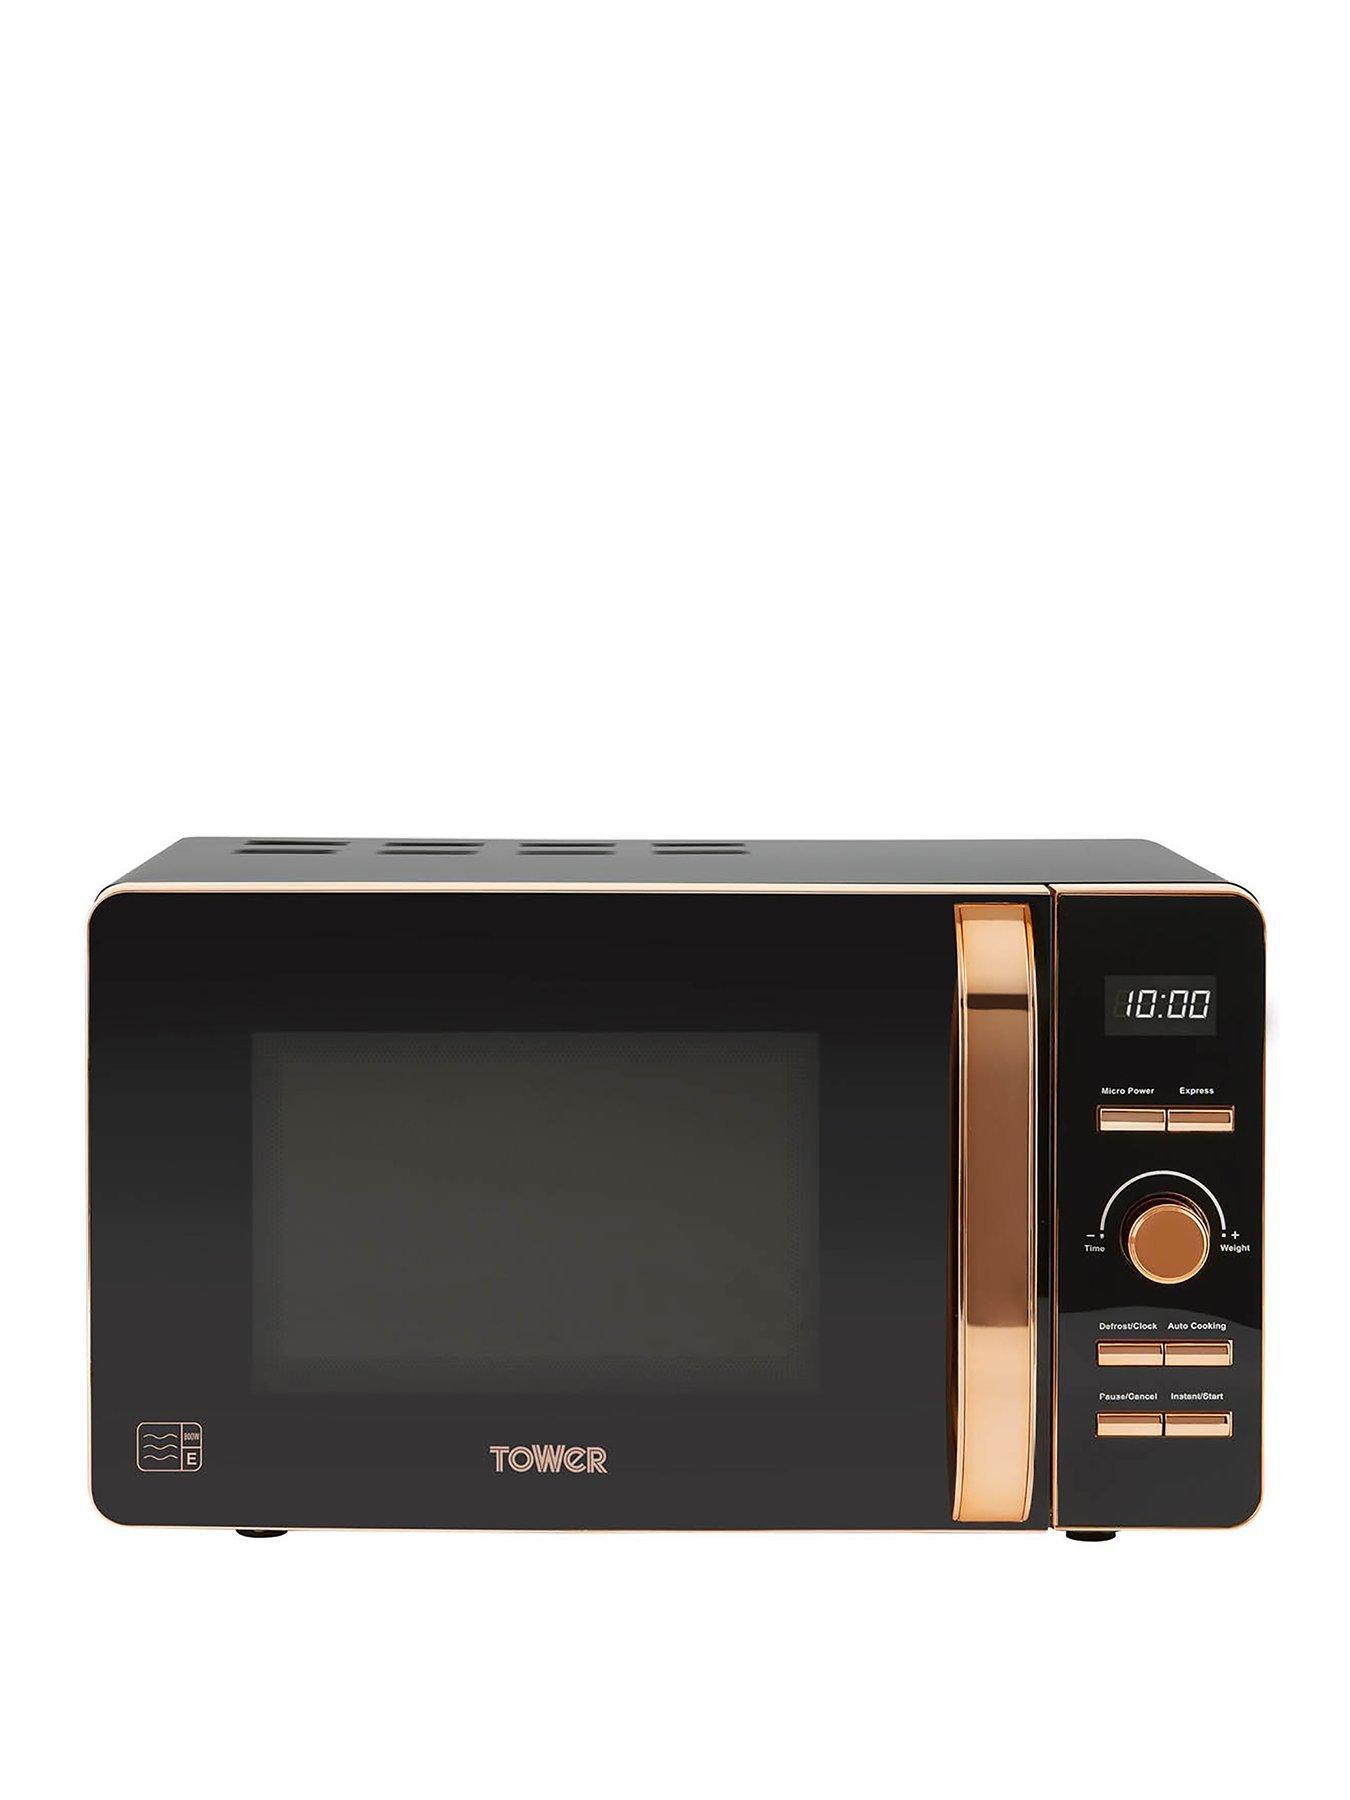 20 litre digital microwave black rose gold